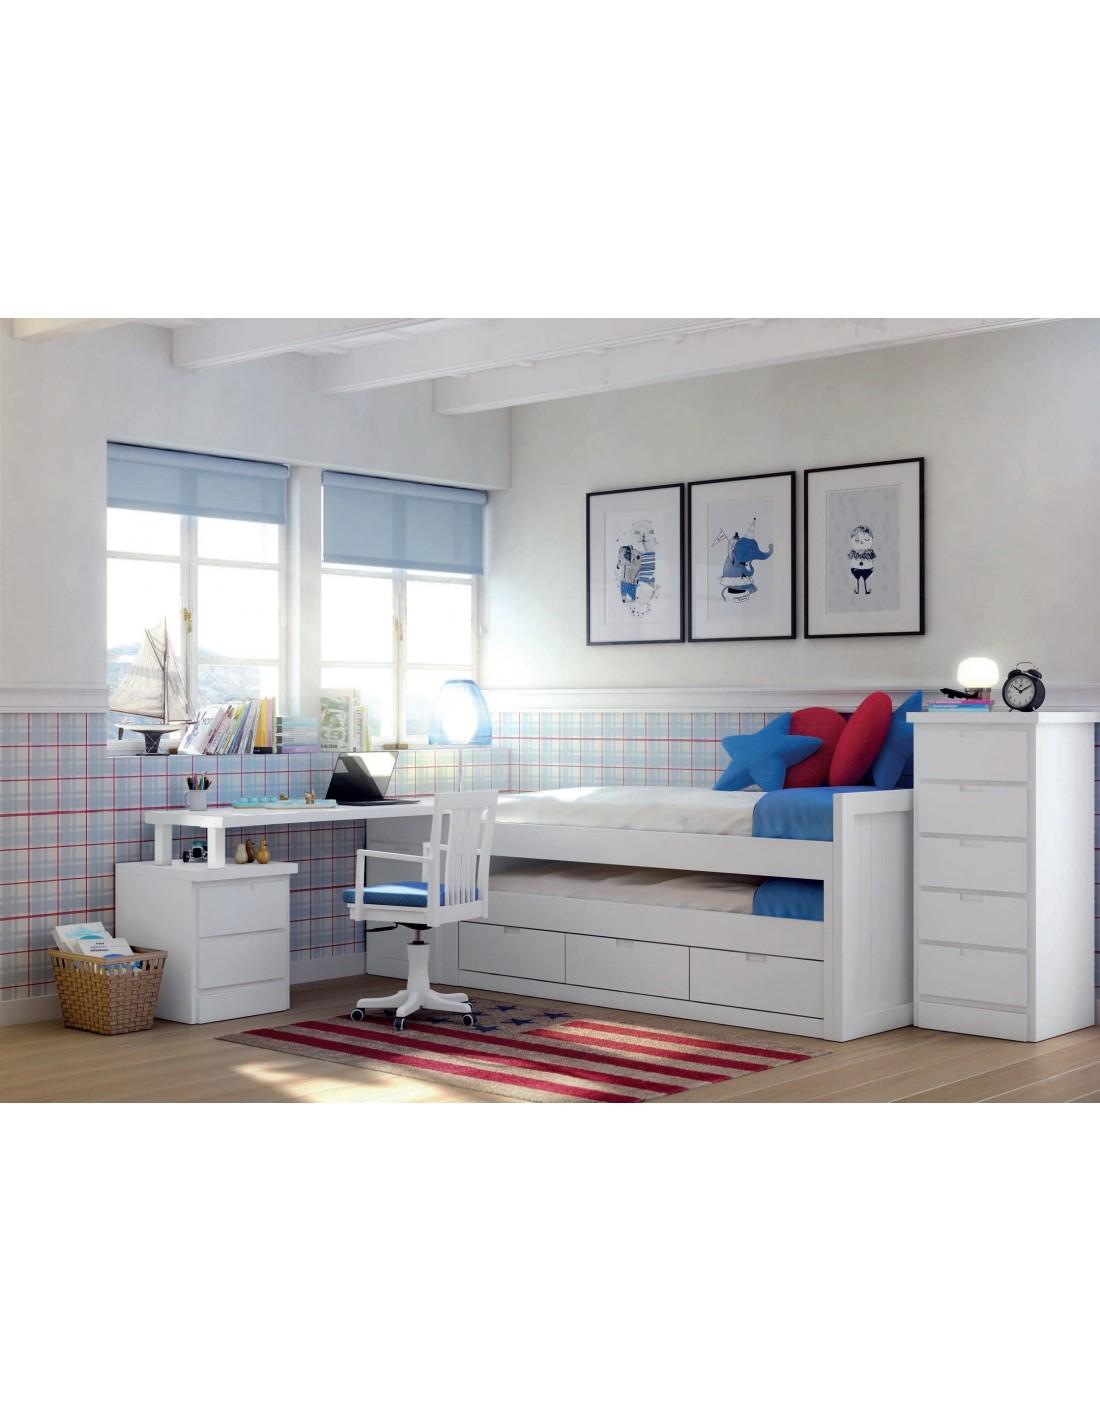 Comprar dormitorio juvenil a medida lacado en blanco for Muebles modulares juveniles